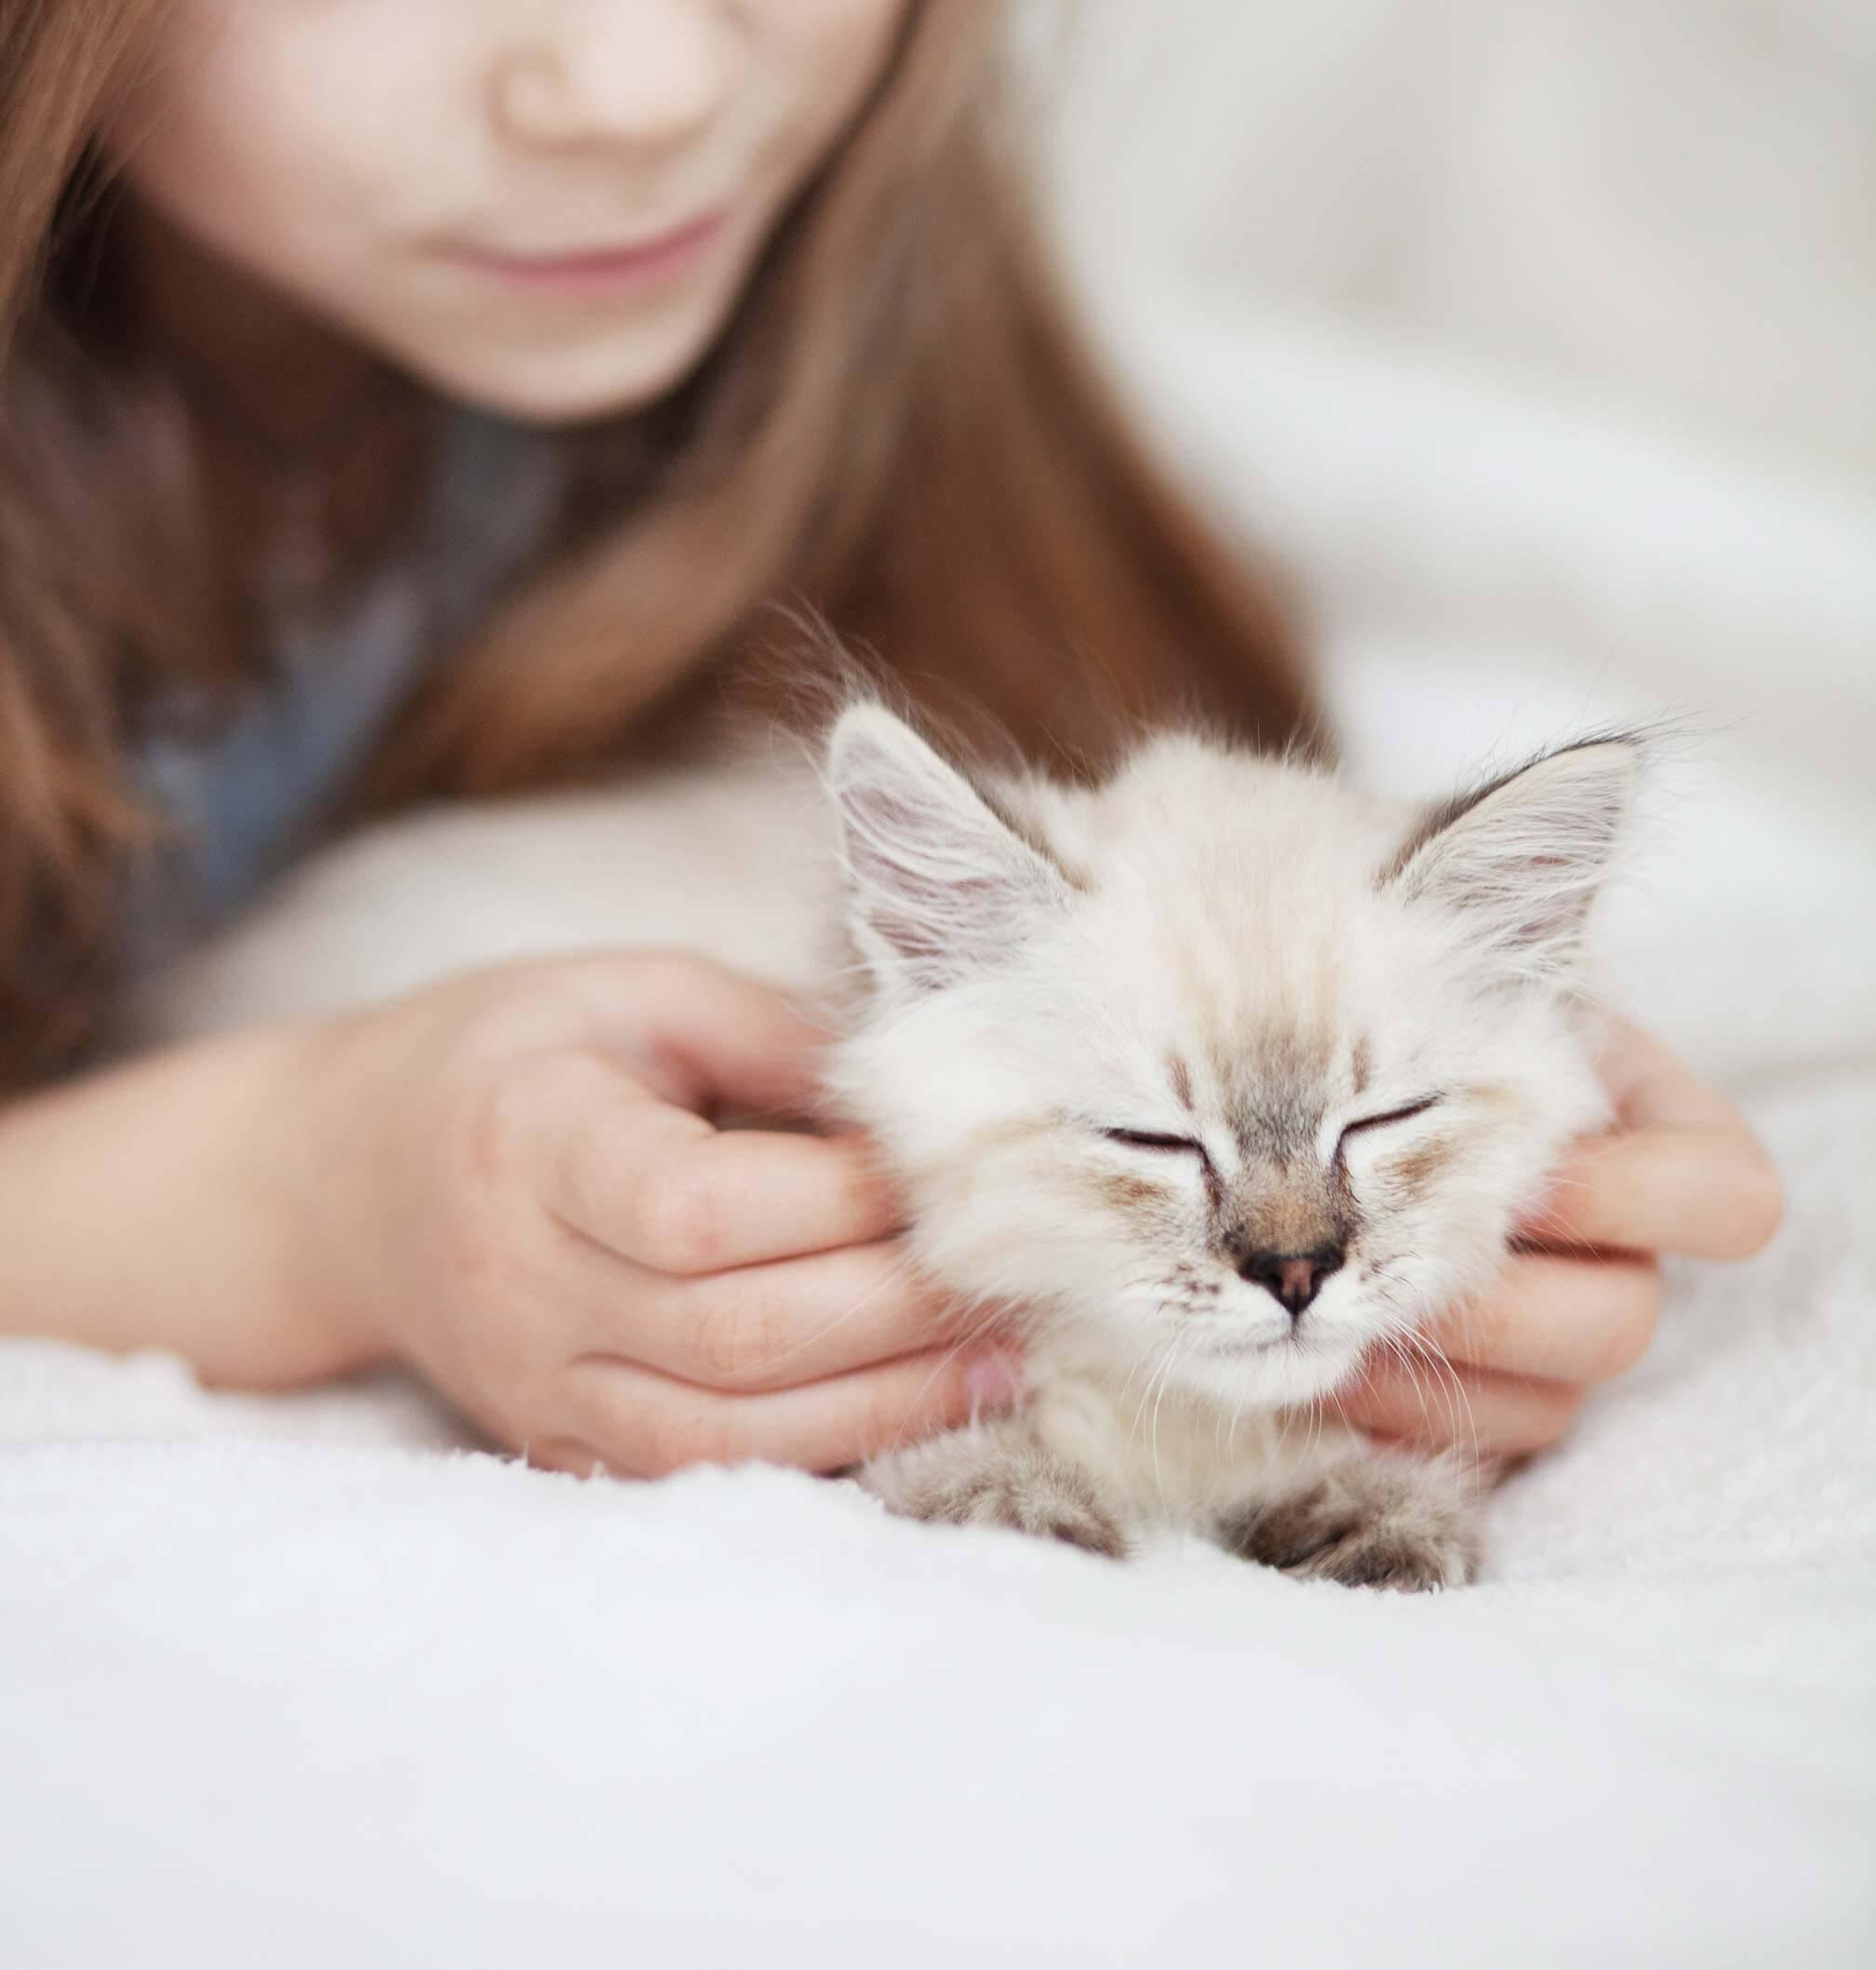 Katze an neues Zuhause gewöhnen: So geht's!